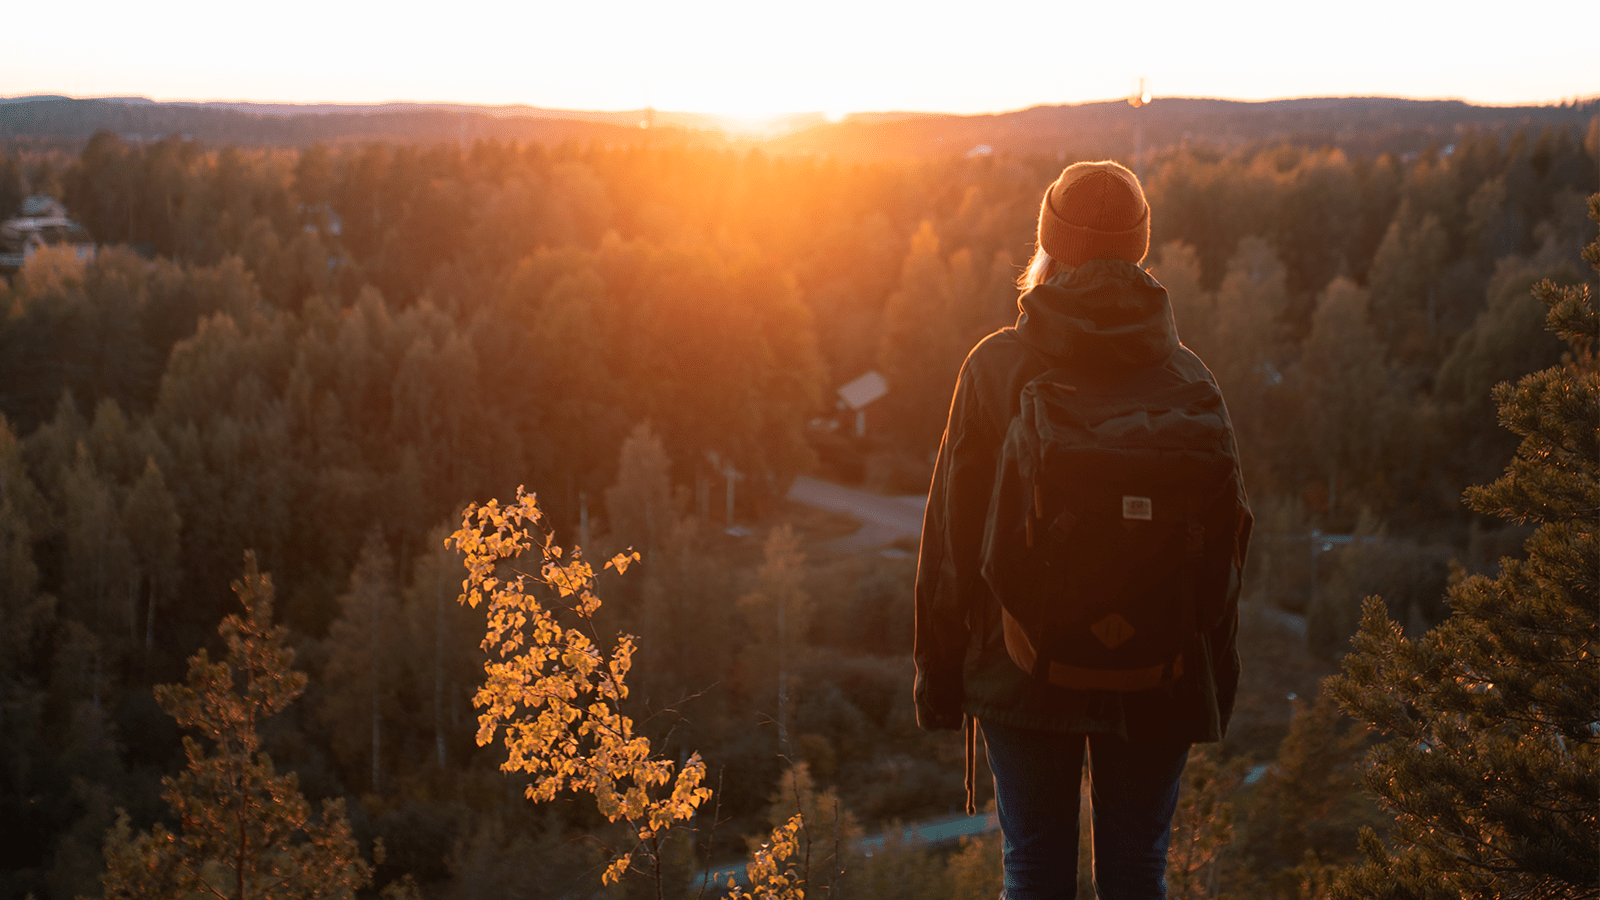 Henkilö katsoo auringonlaskua.